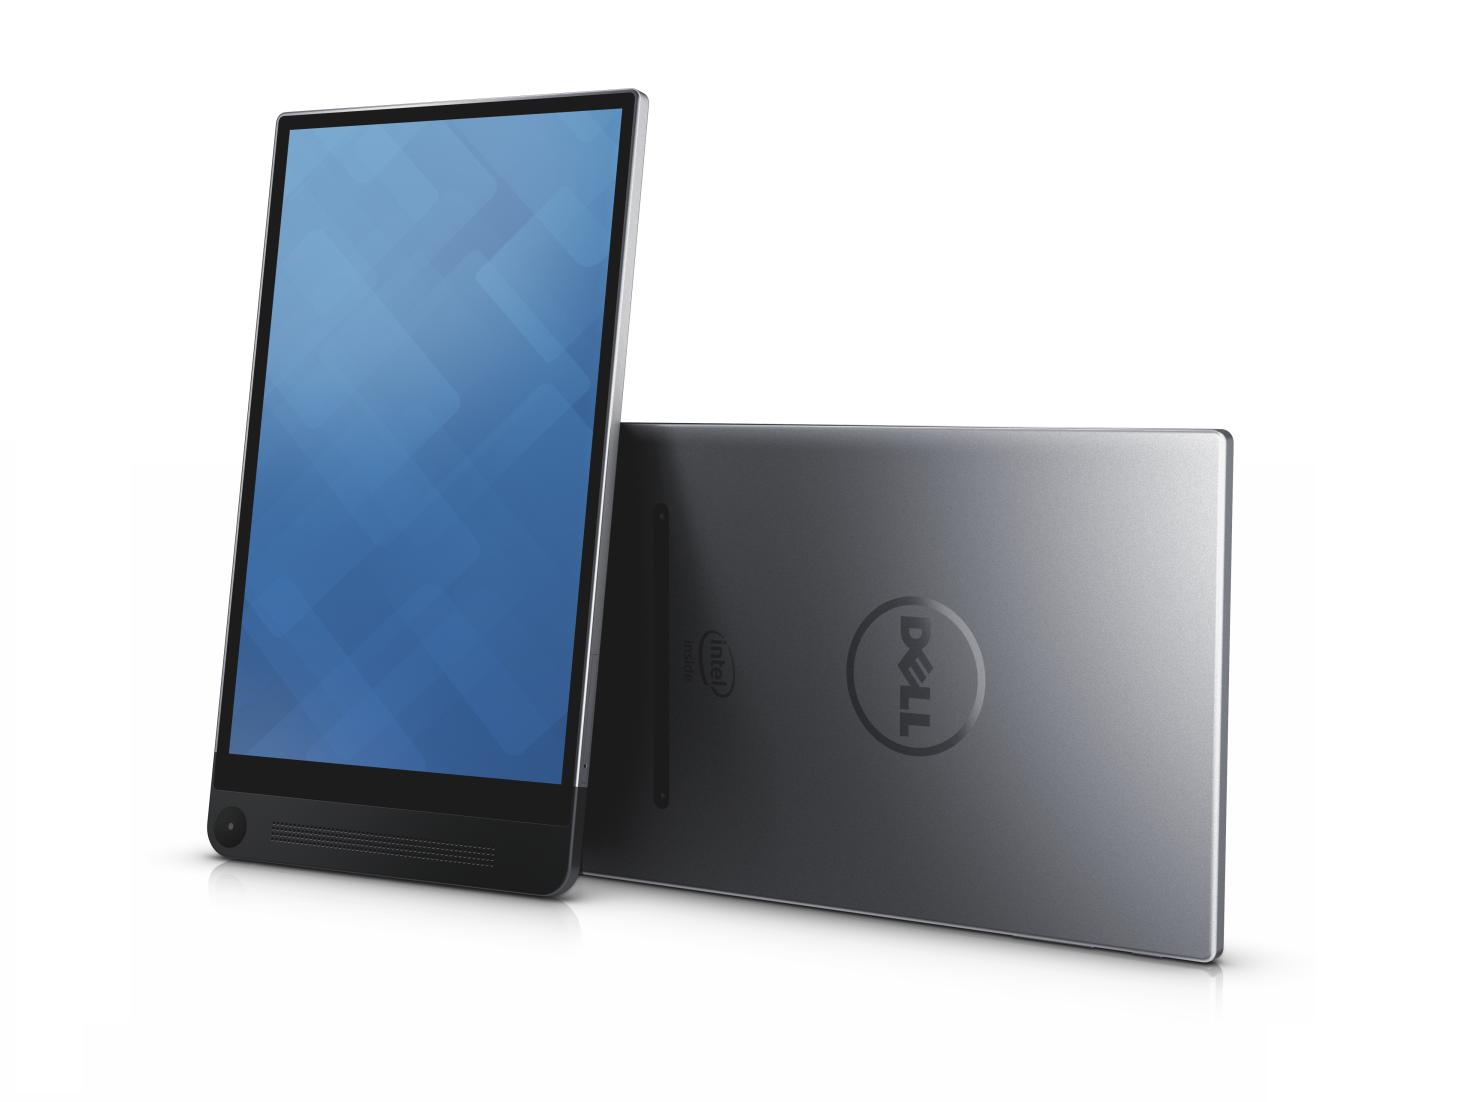 Dünnes Android-Flaggschiff von Dell